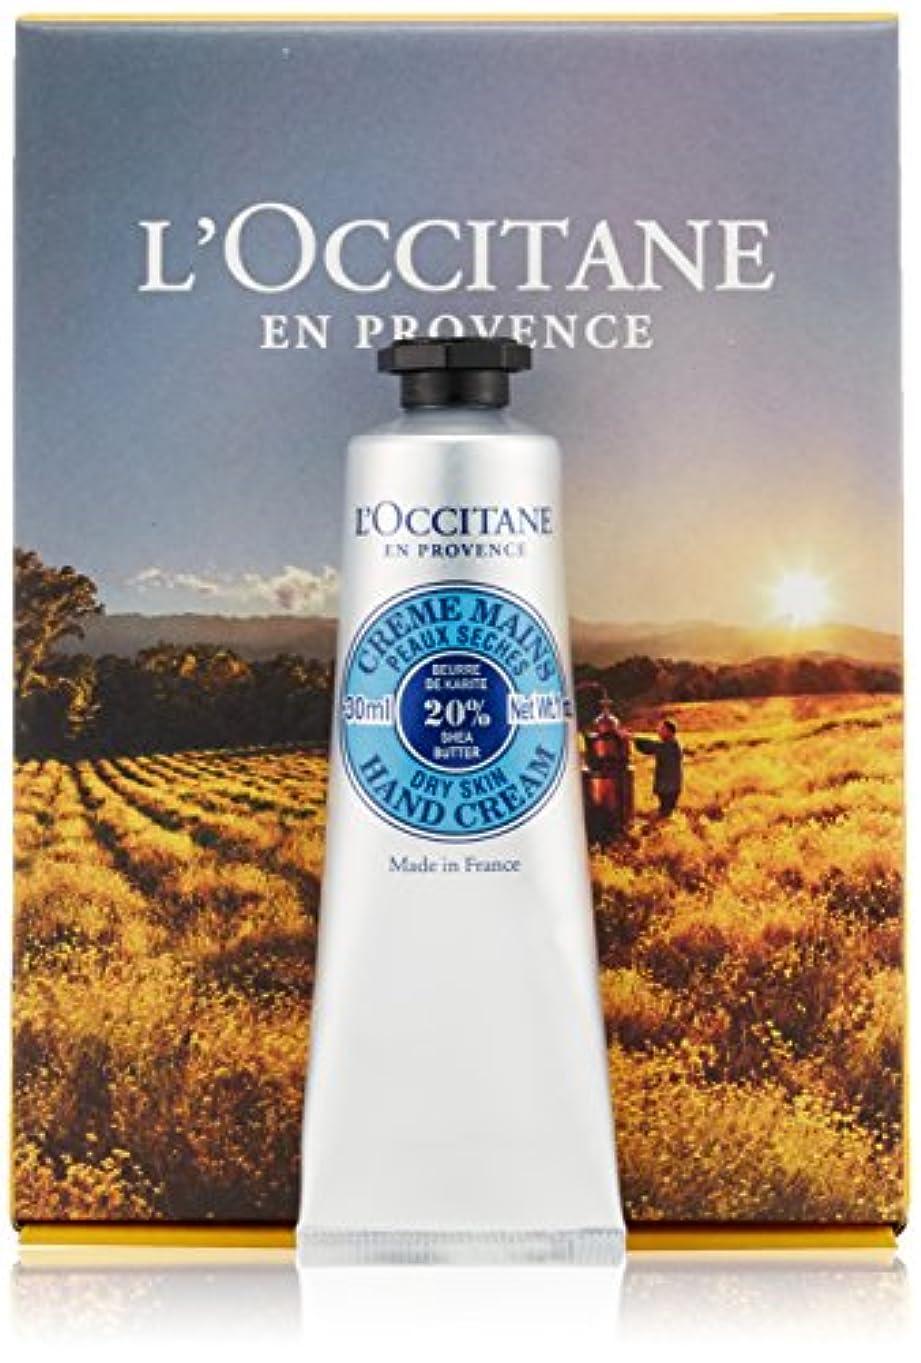 百年今後懲戒ロクシタン(L'OCCITANE) シアハンドクリーム 30ml BOX入り